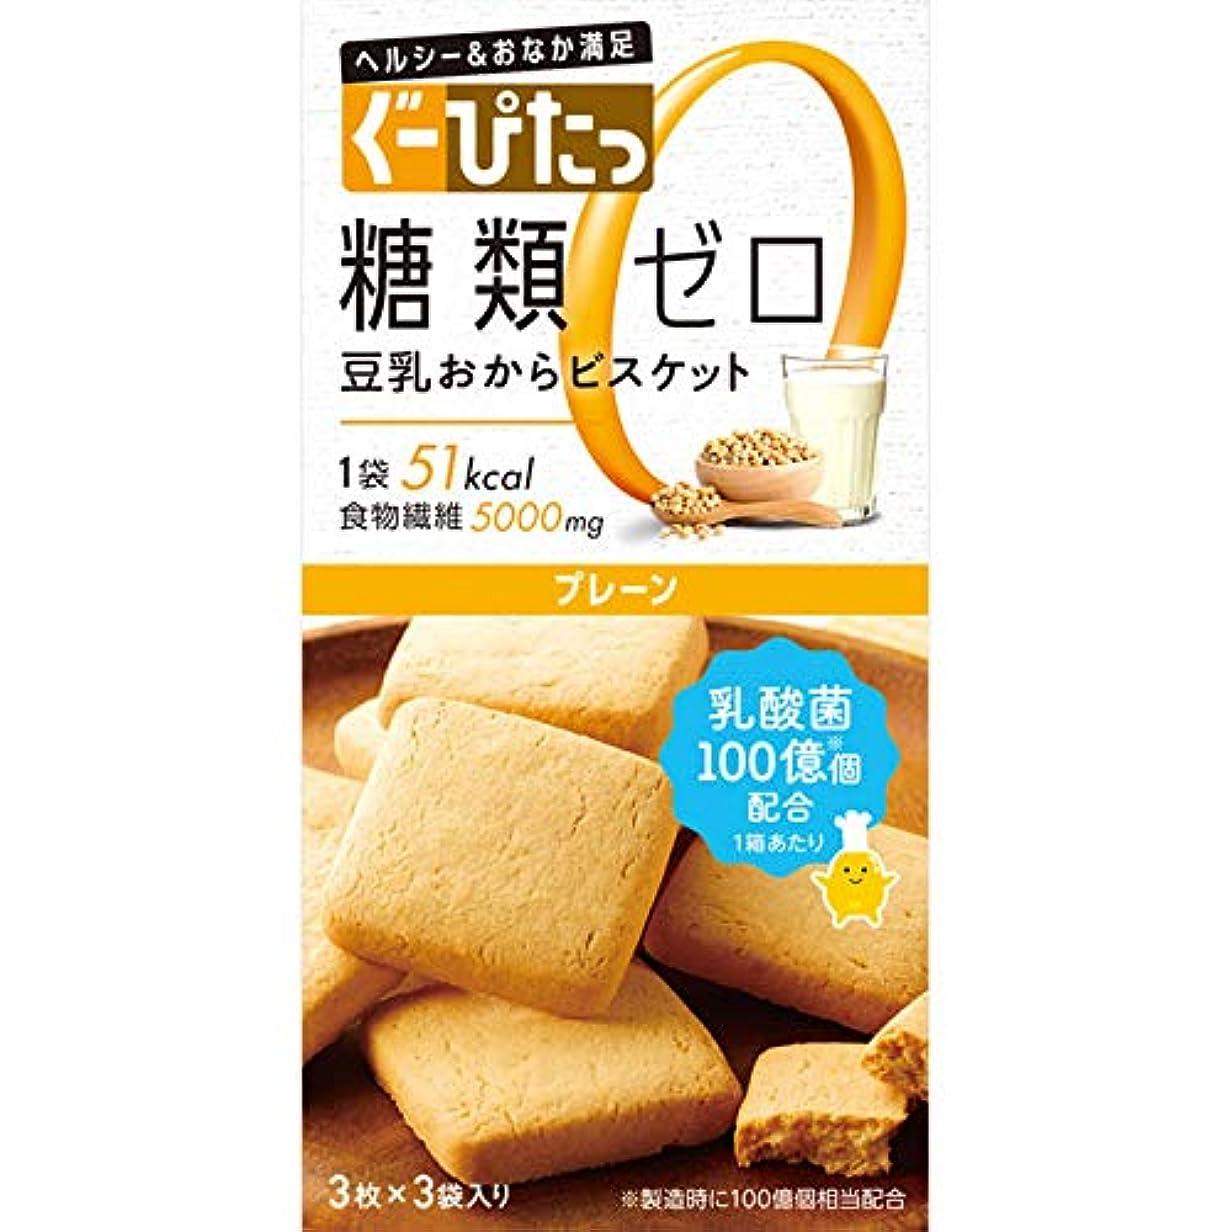 宇宙試験伝記ナリスアップ ぐーぴたっ 豆乳おからビスケット プレーン (3枚×3袋) ダイエット食品